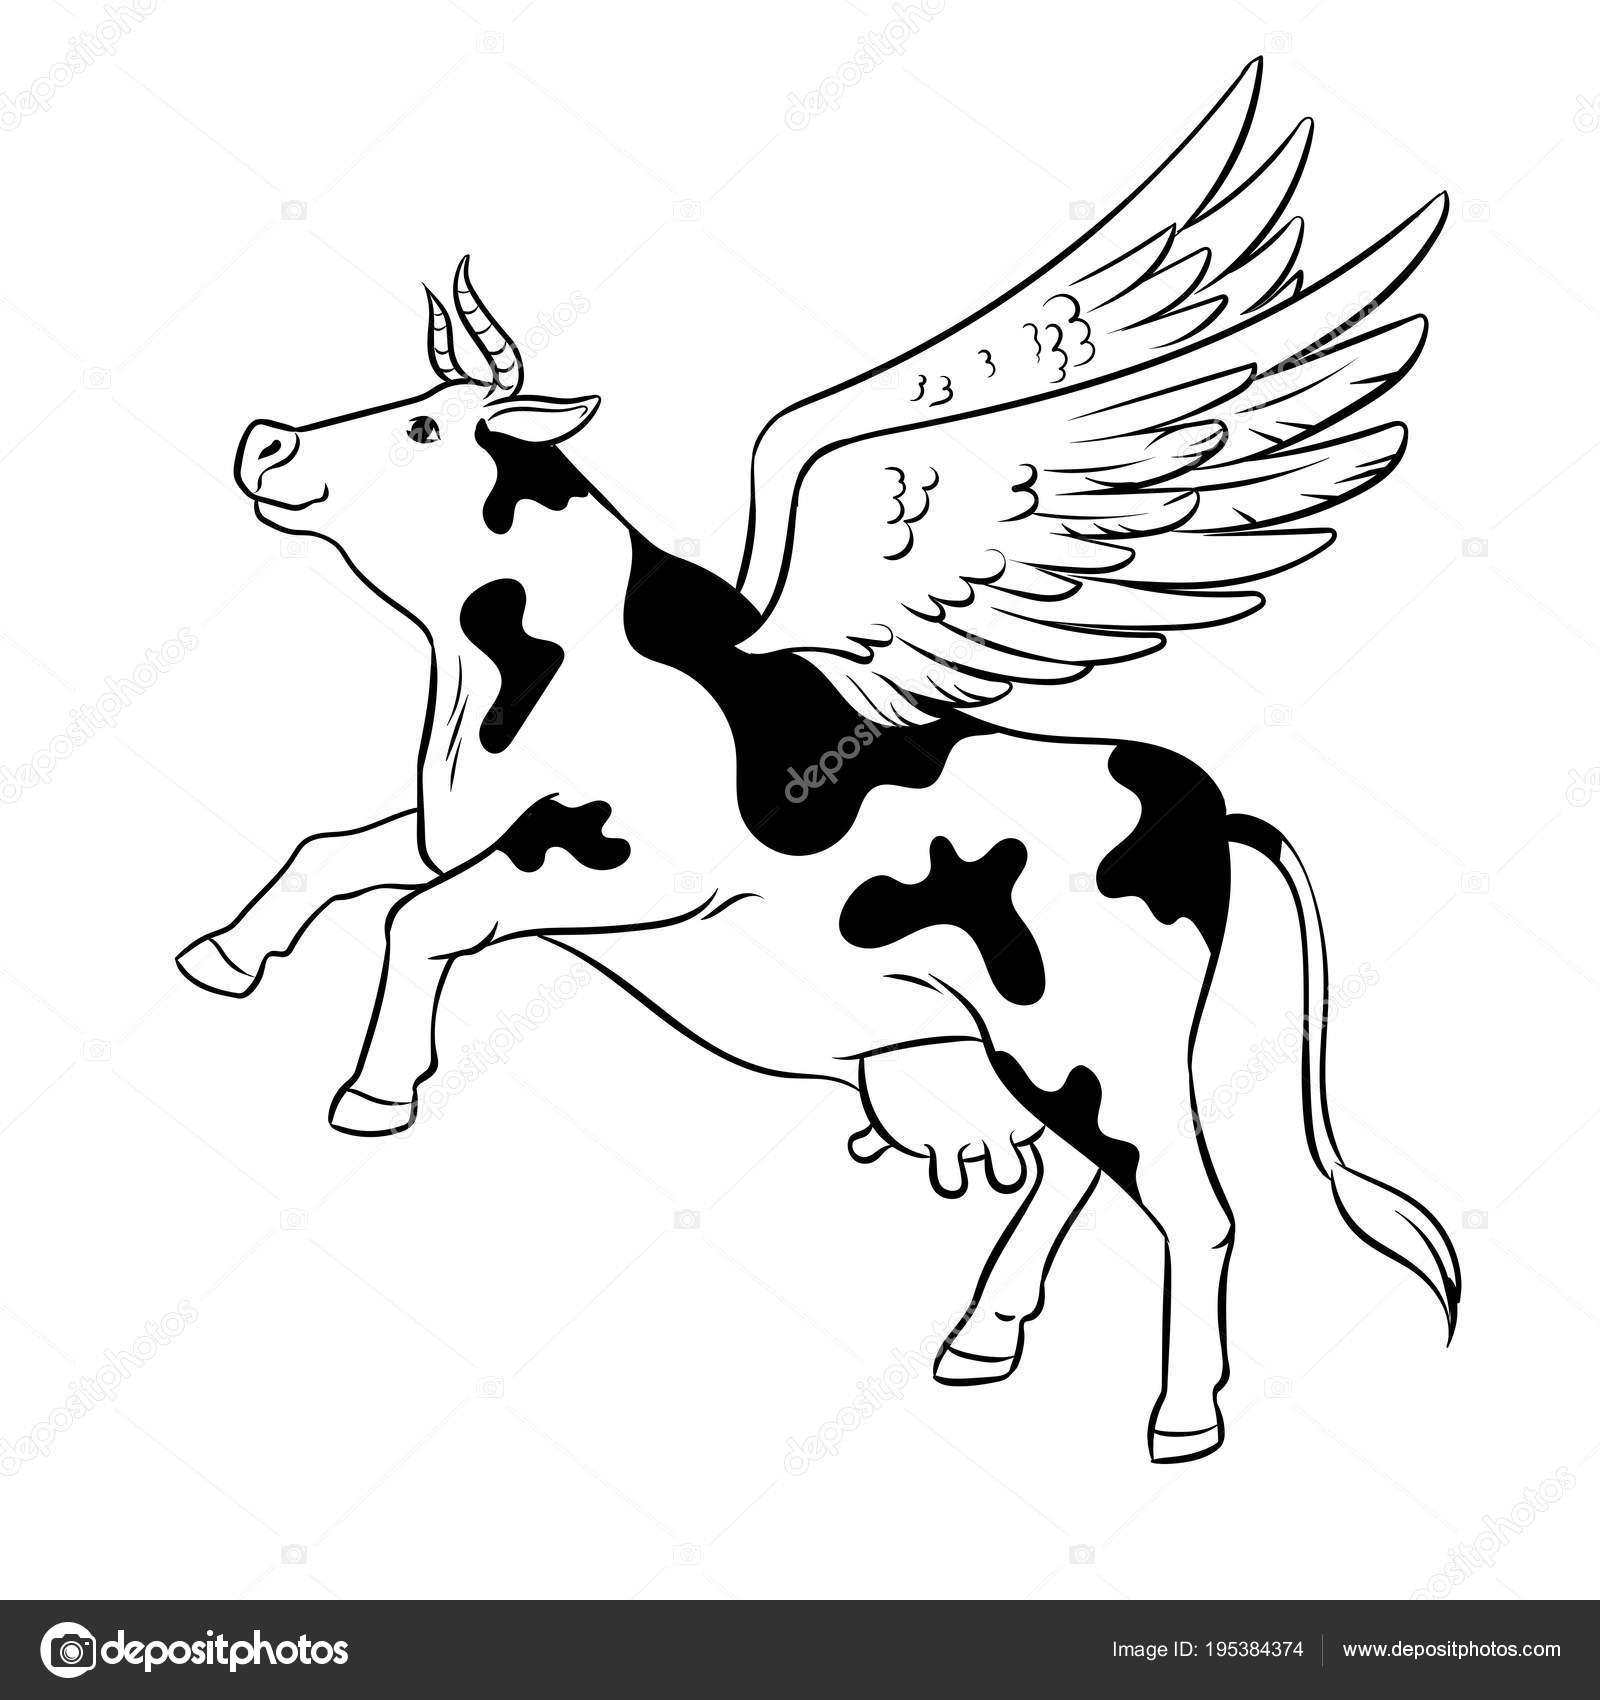 Coloriage Animaux Vache.Vecteur De Coloriage Animaux Ferme Vache De Vol Image Vectorielle